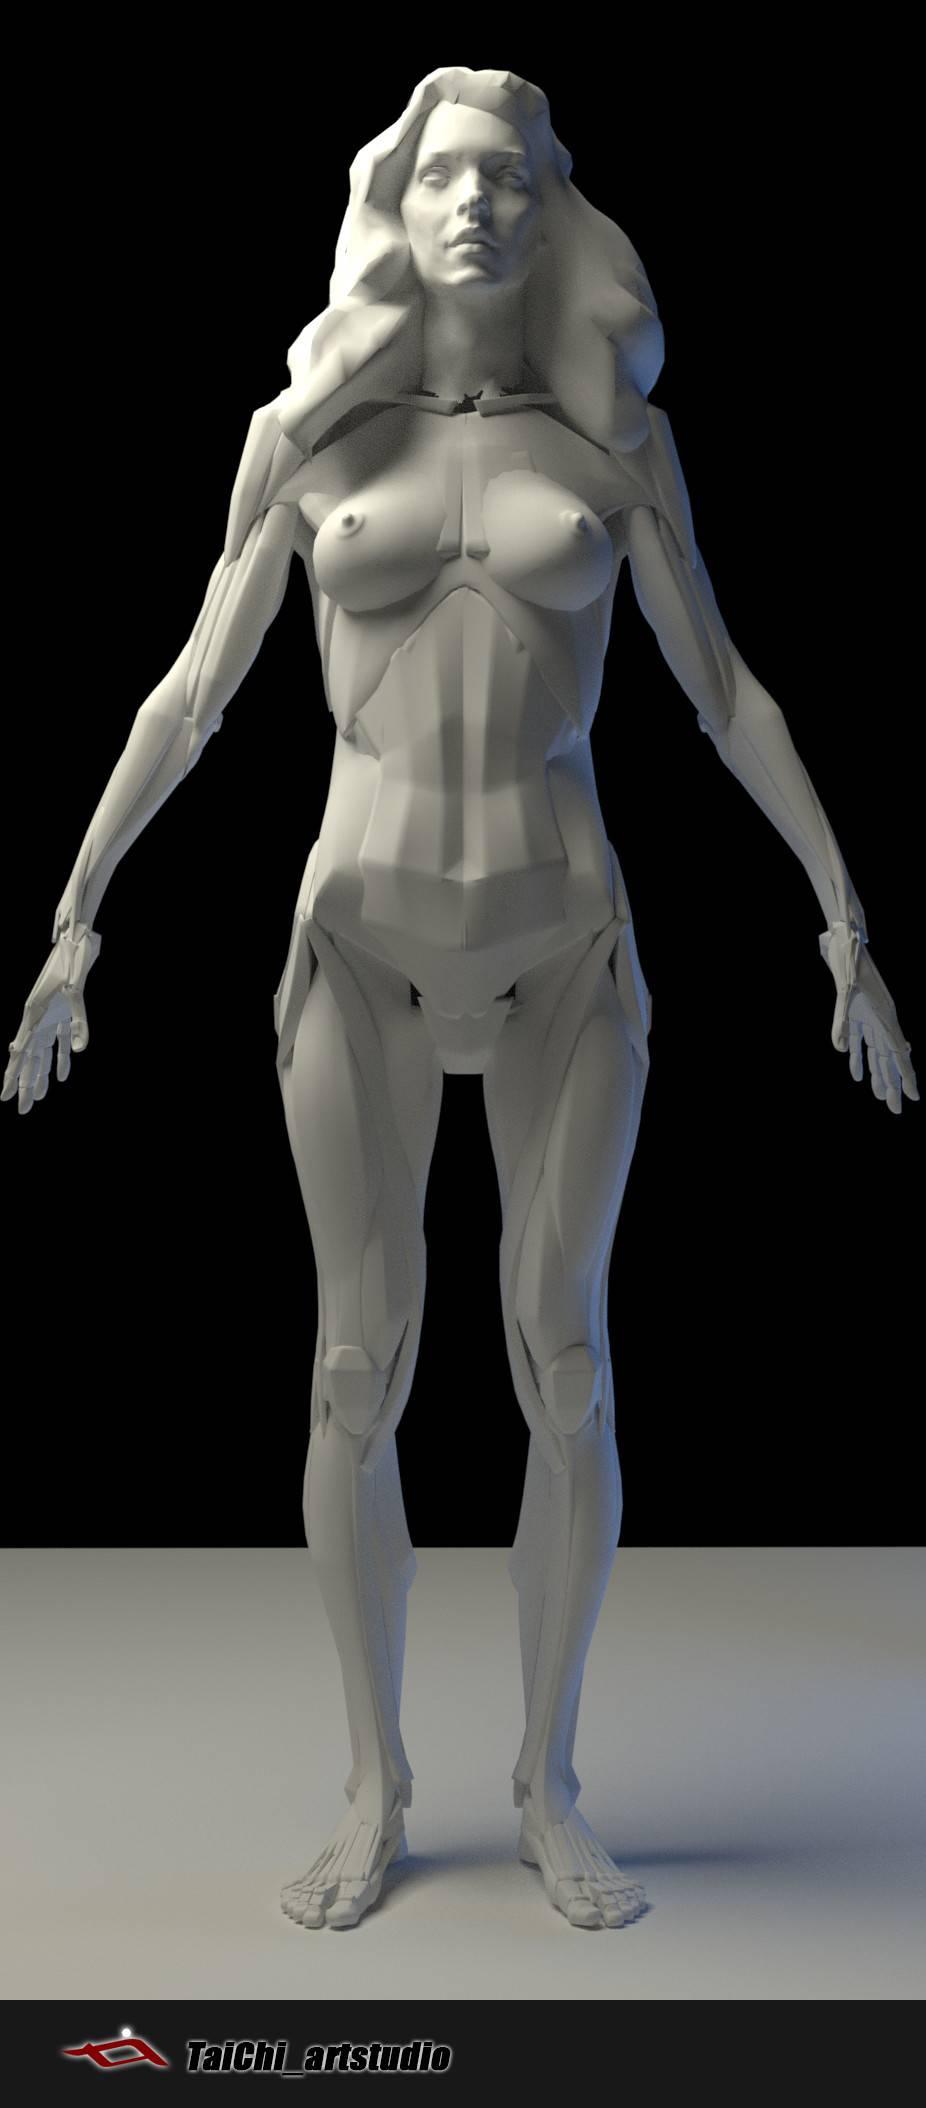 非常不错的人体分面图,美术练习的好东西! - R 站 学习使我快乐! - 28